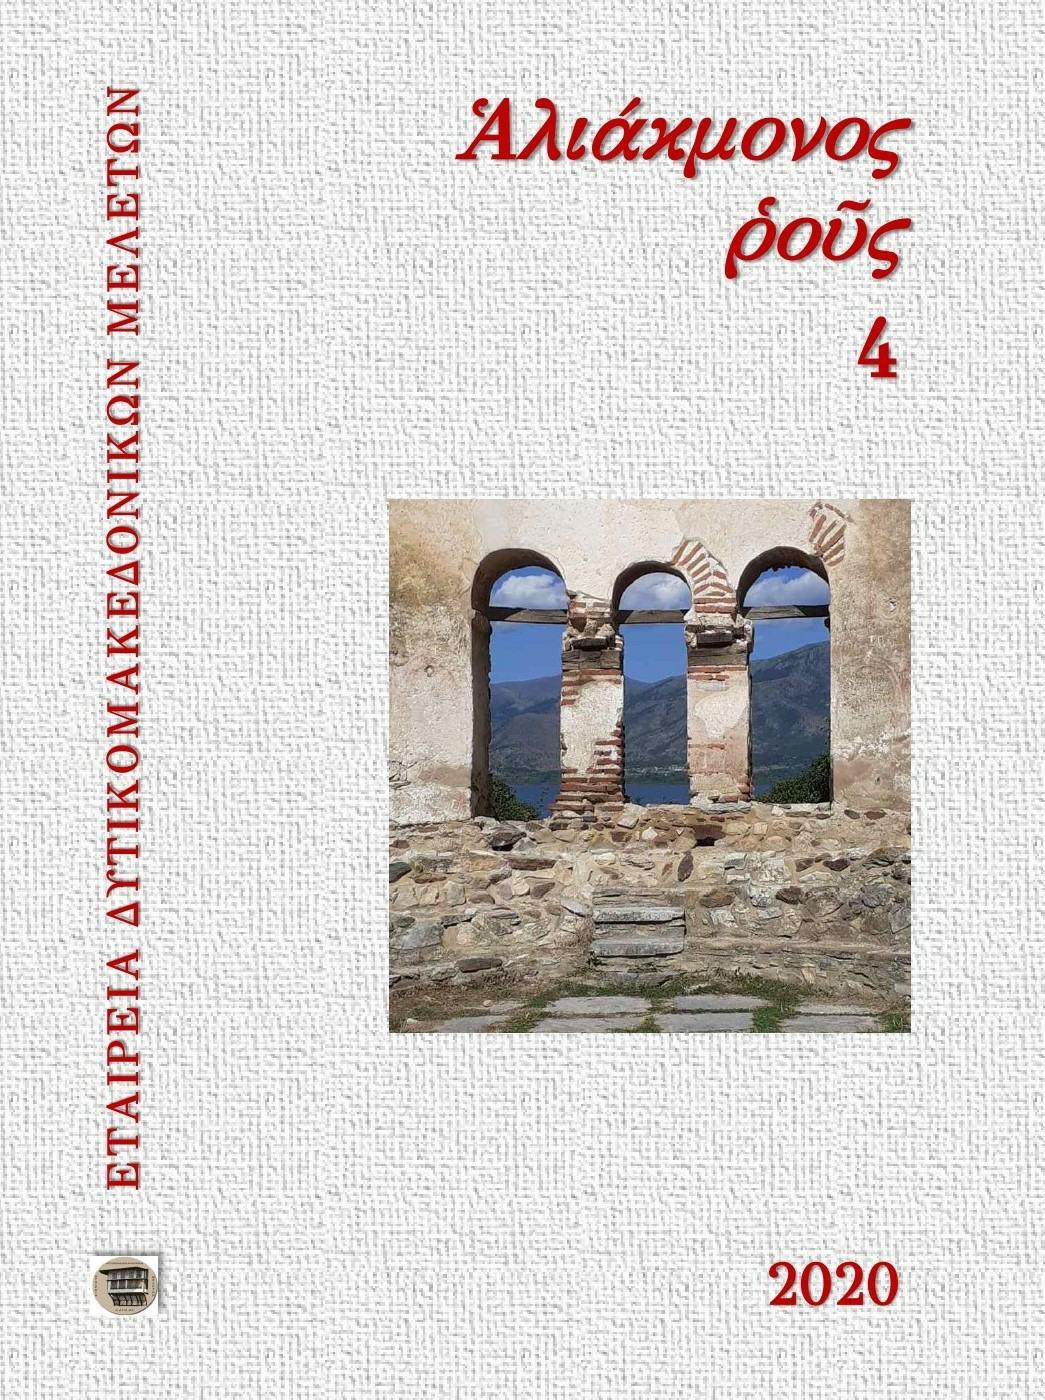 Κυκλοφόρησε ο Δ΄ Τόμος (2020) του επιστημονικού περιοδικού «Ἁλιάκμονος ῥοῦς», που εκδίδει η Εταιρεία Δυτικομακεδονικών Μελετῶν (Ε.ΔΥΜ.ΜΕ.).